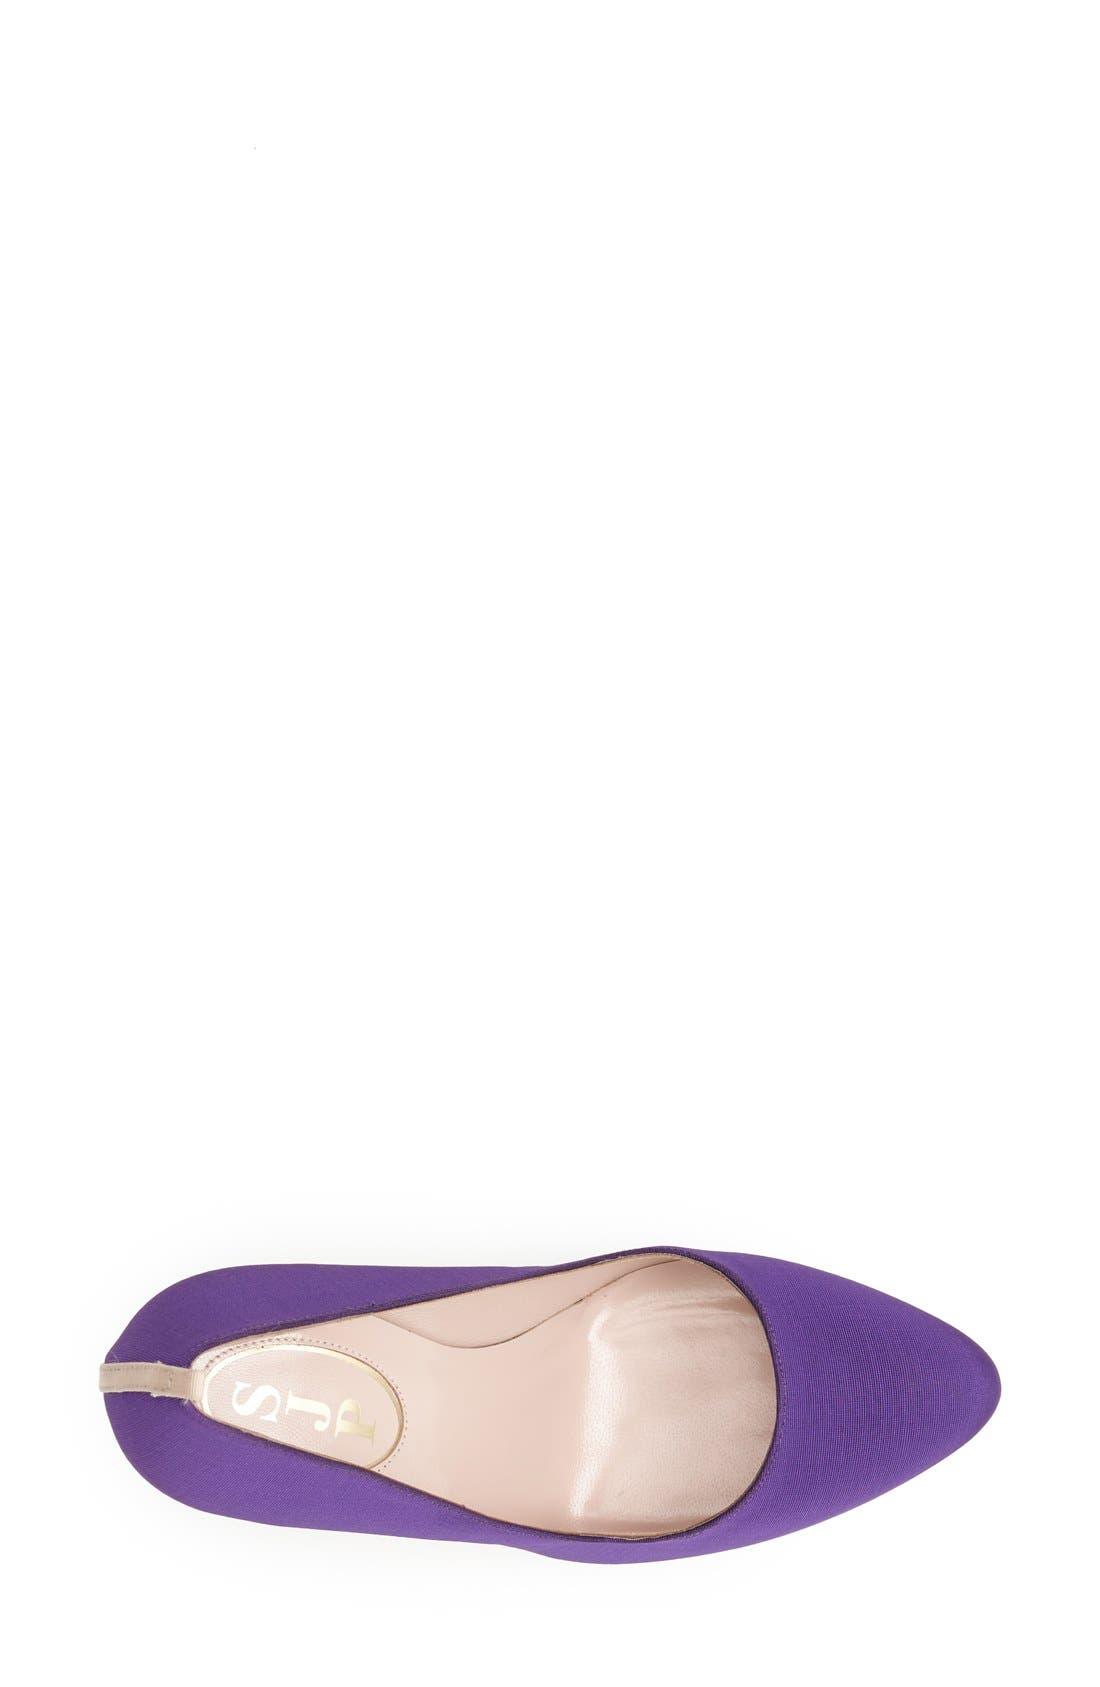 SJP 'Lady' Pump,                             Alternate thumbnail 3, color,                             Purple